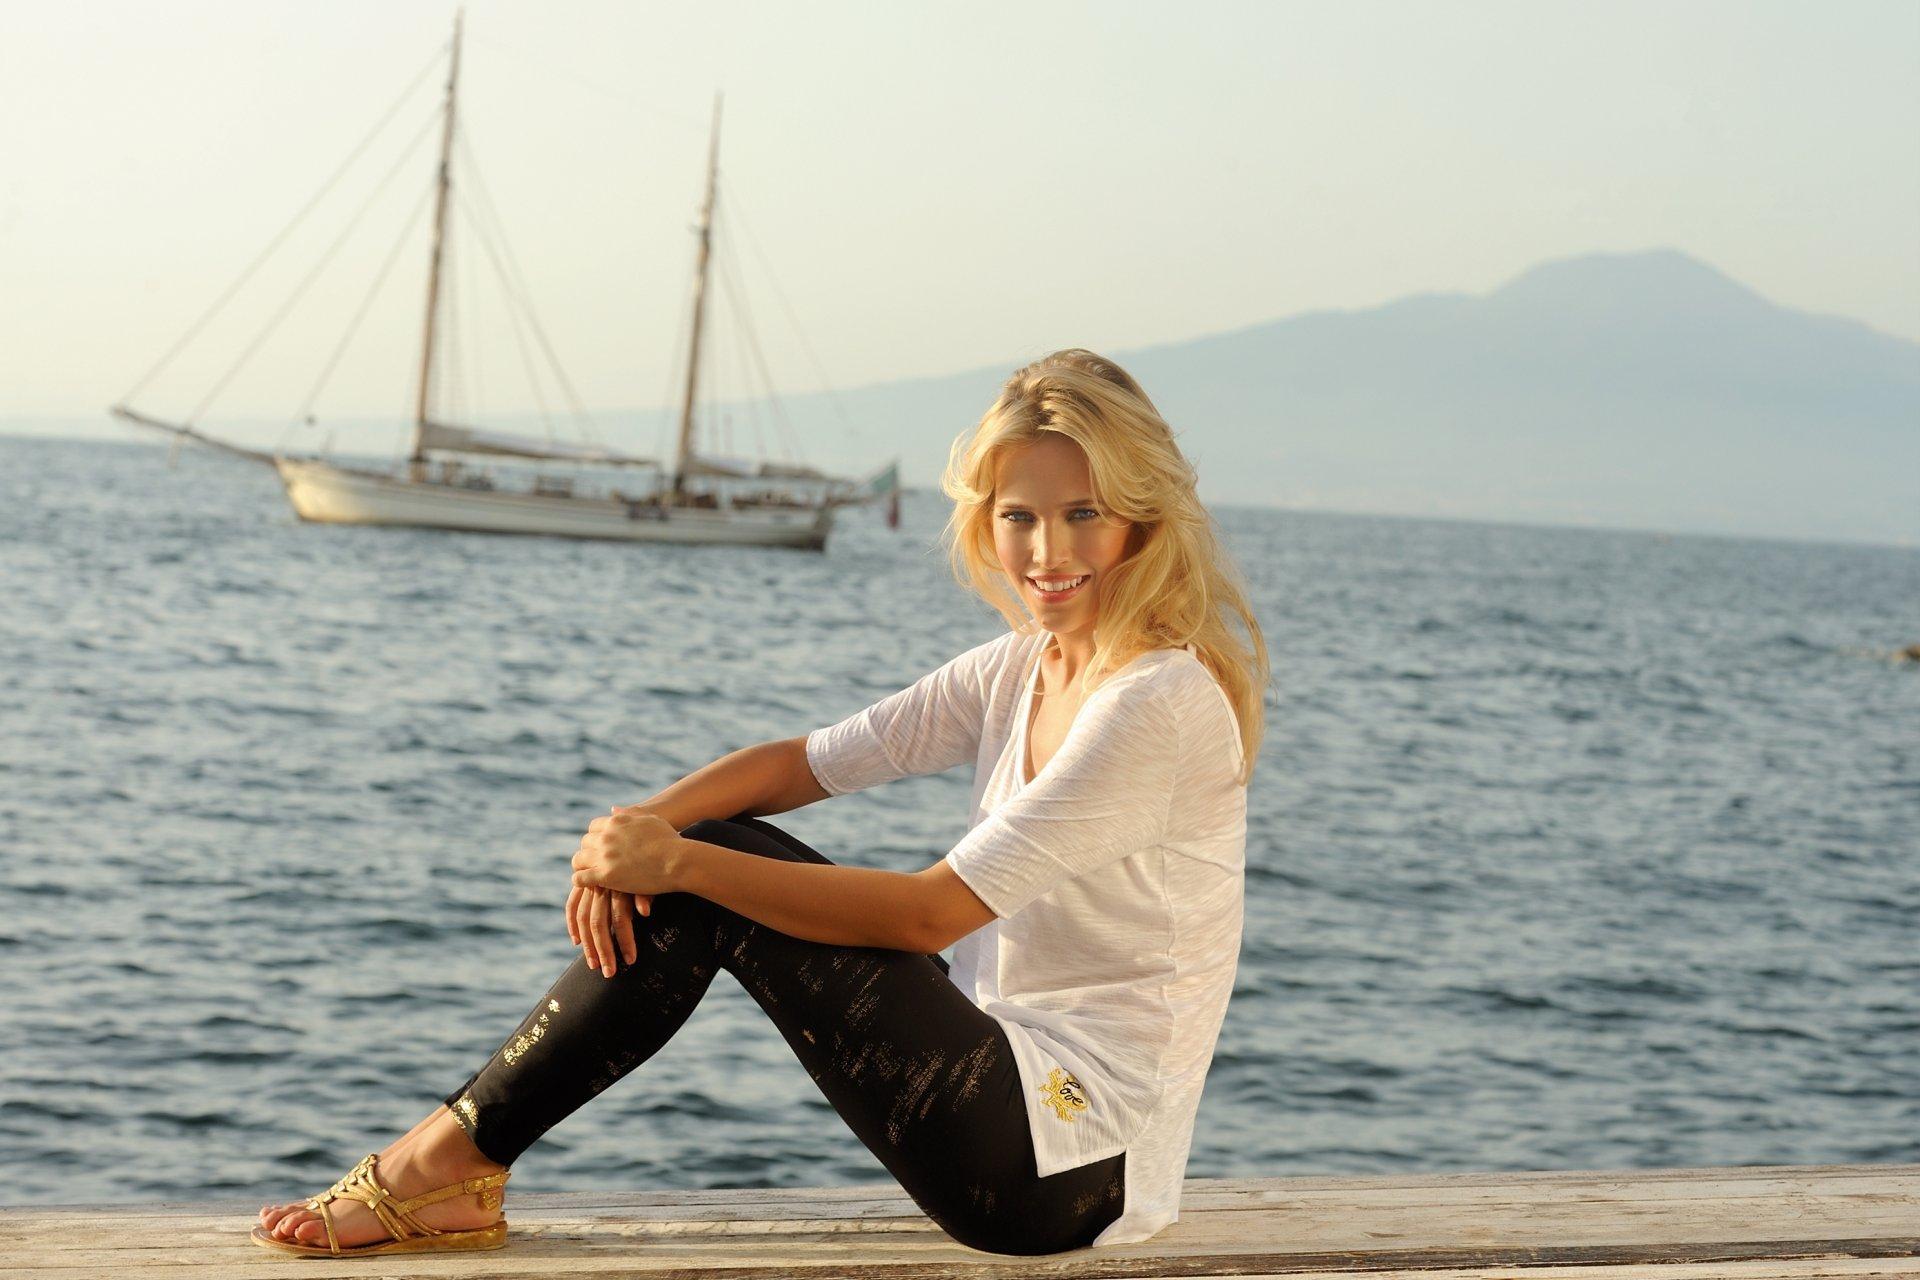 интересующие вопросы новые фото девушек блондинок на море нее